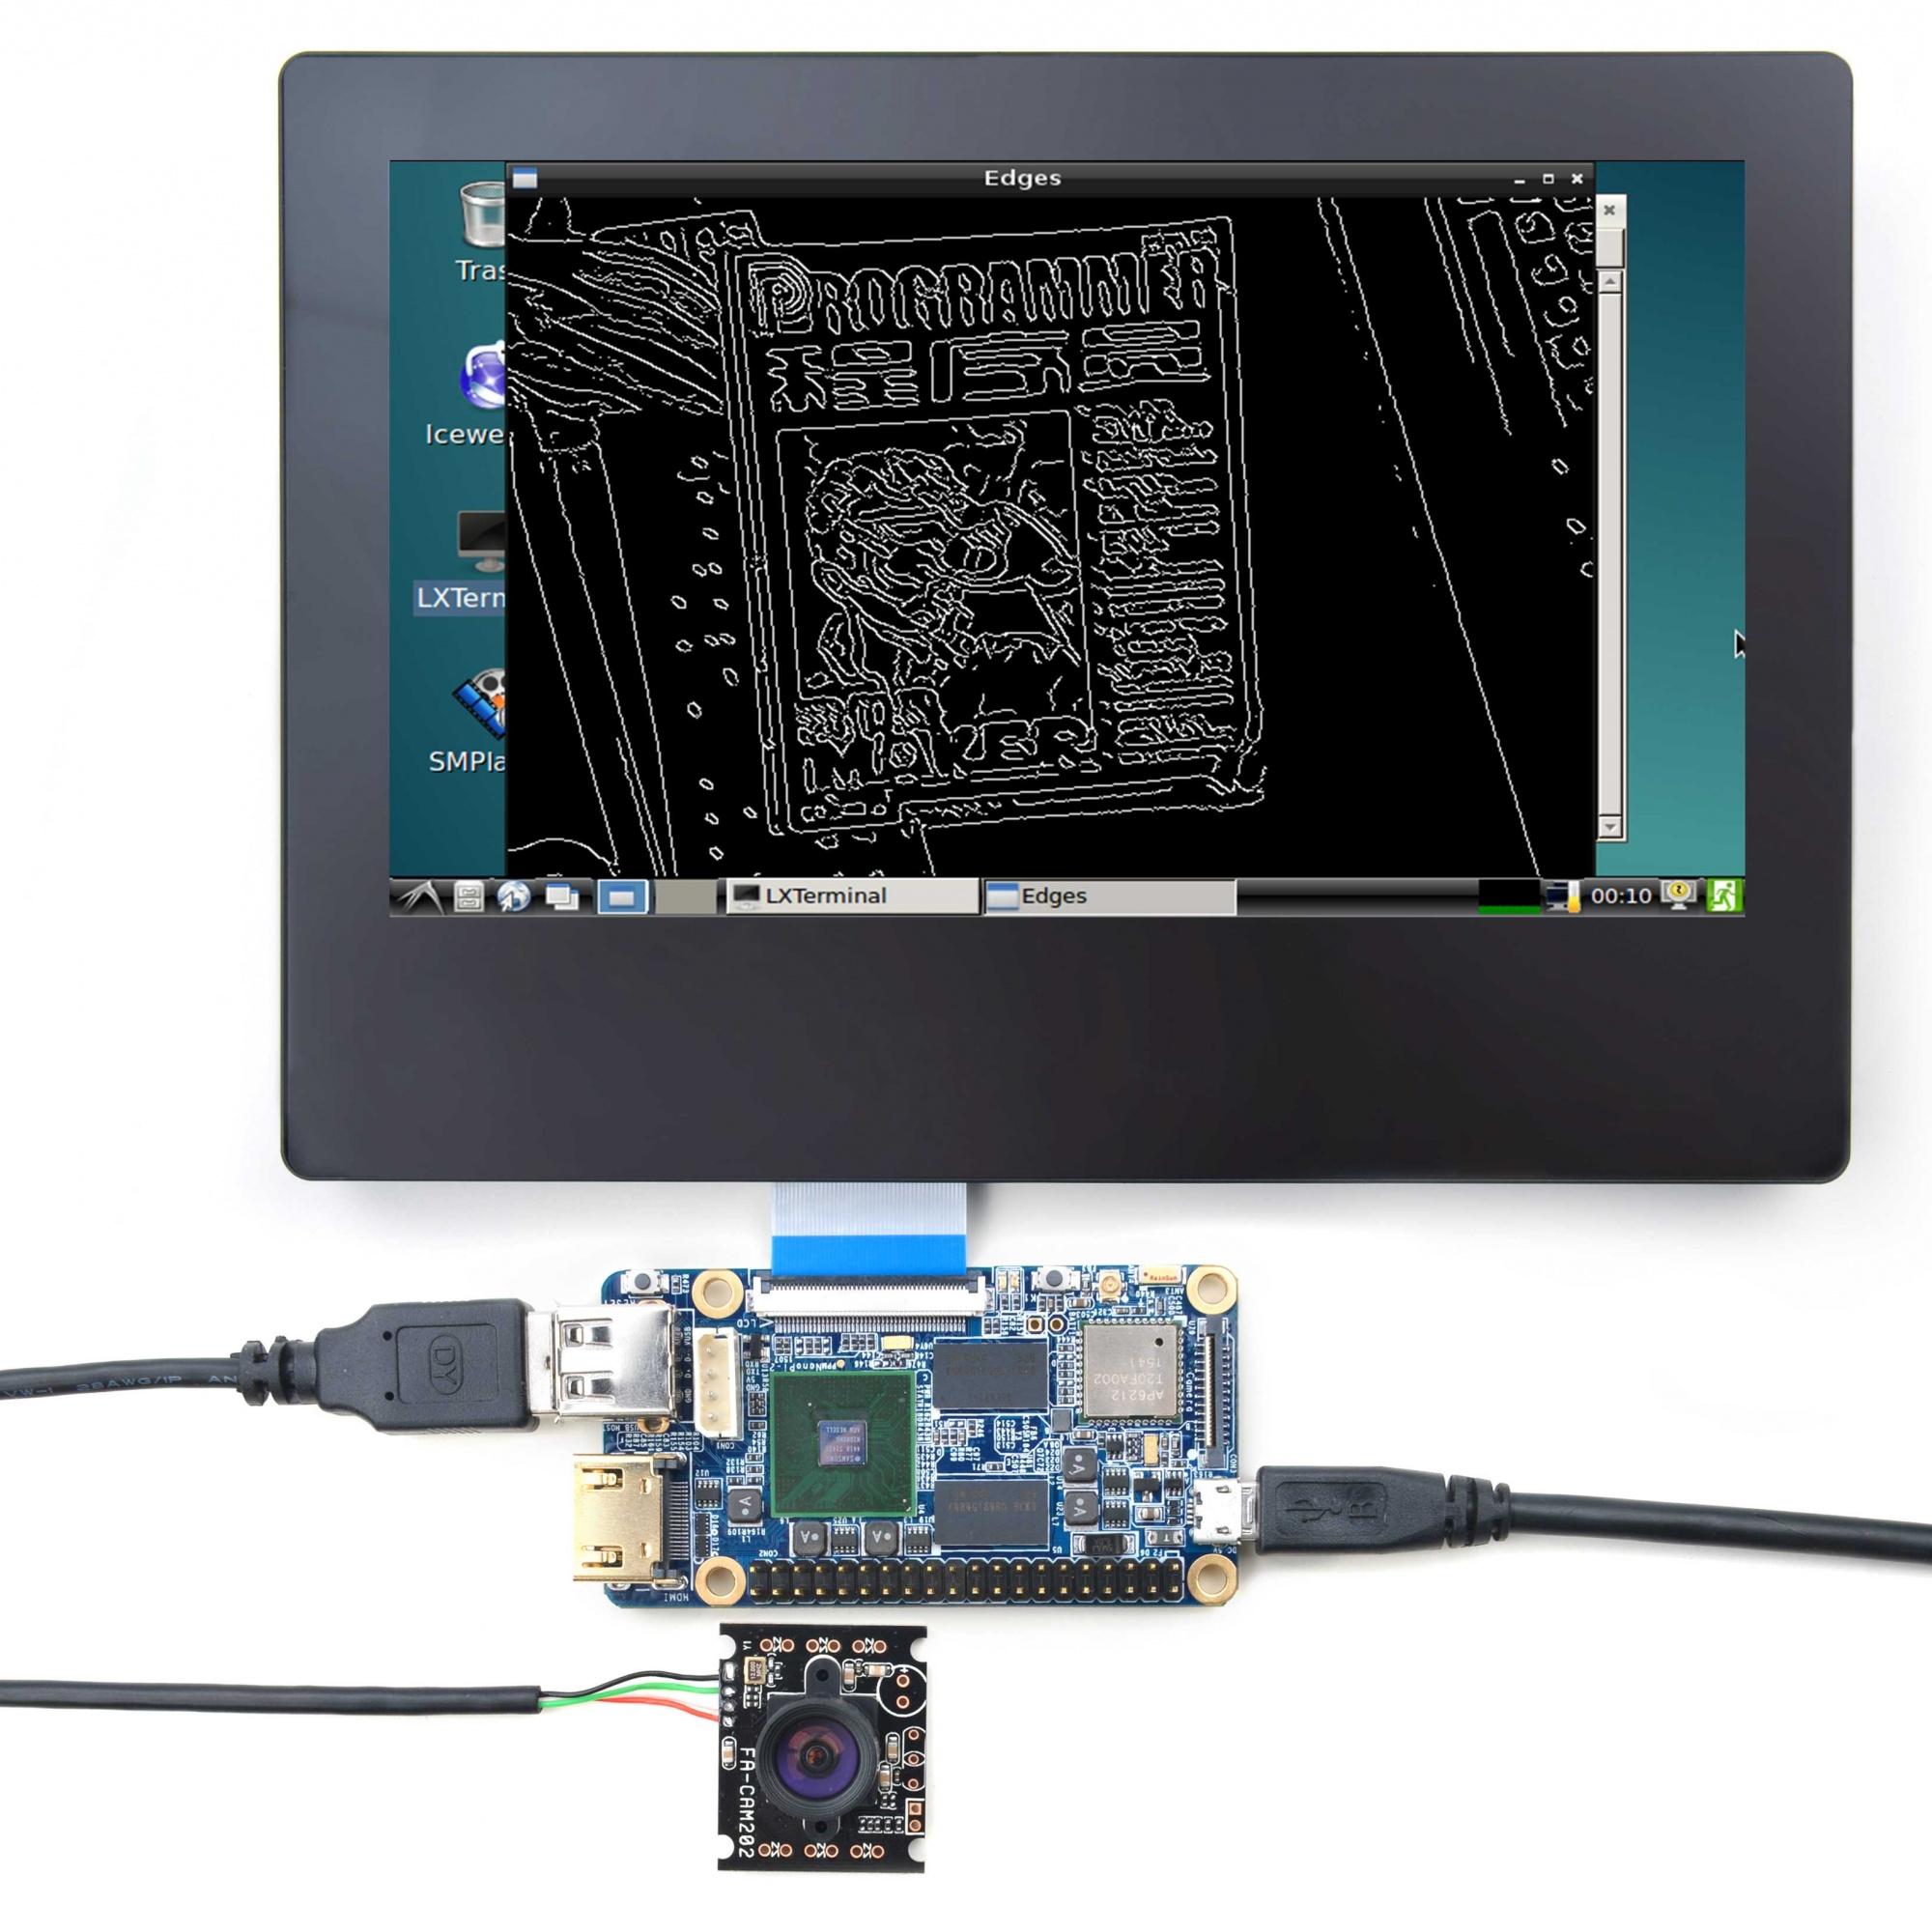 i 2接USB摄像头使用OpenCV 创客神器NanoPi 中国电子技术论坛 最